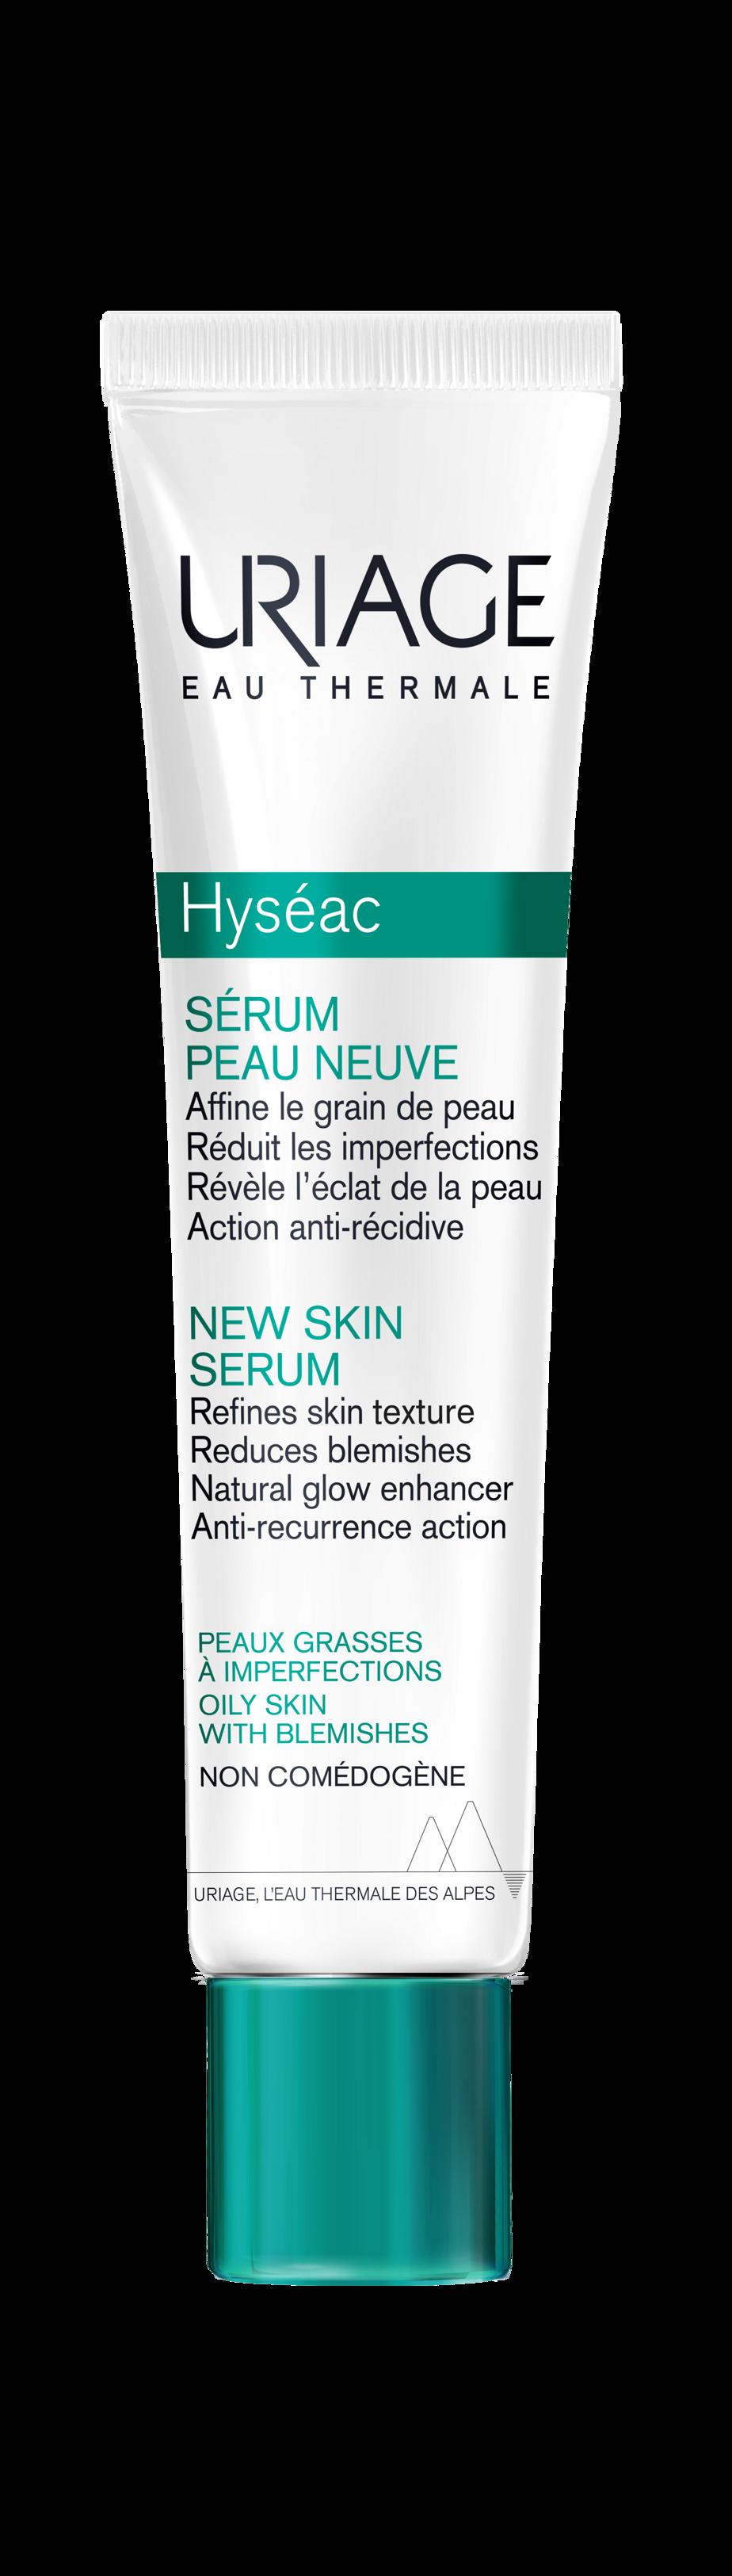 Le sérum peau neuve de la gamme Hyséac d'Uriage